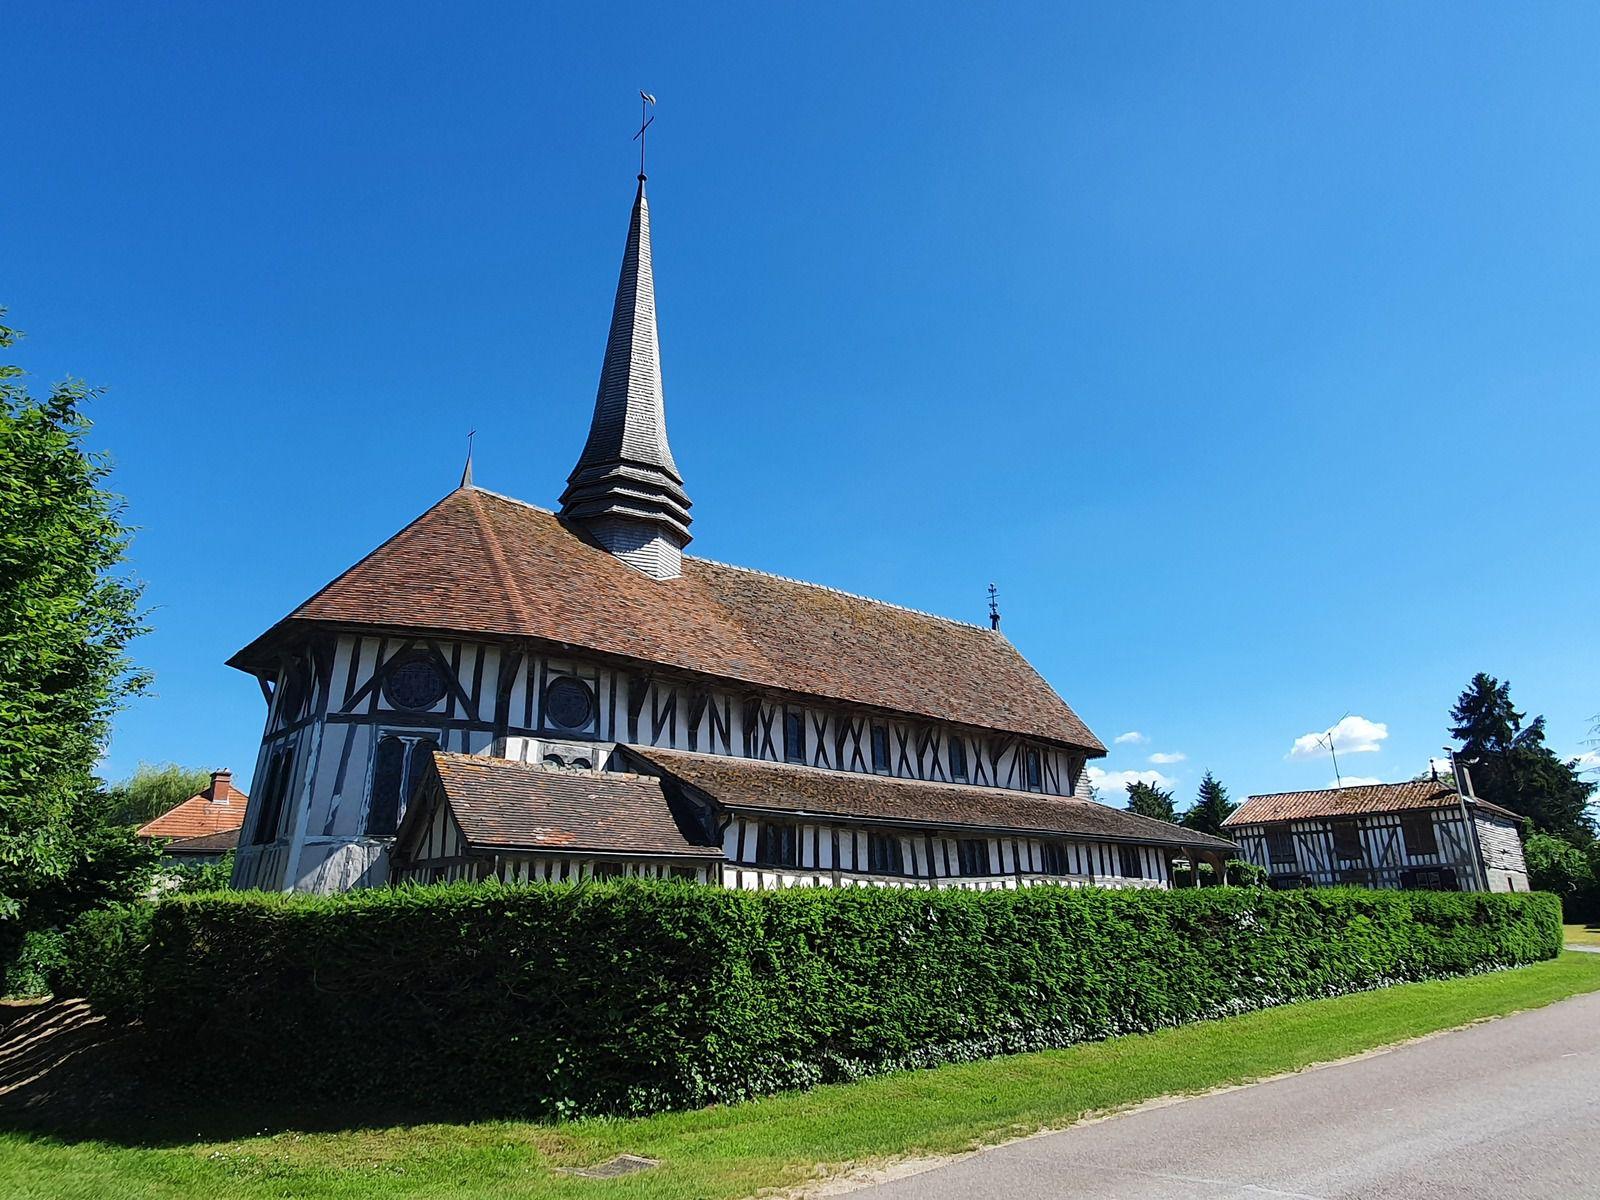 Lentilles et son église Saint-Philippe-et-Saint-Jacques